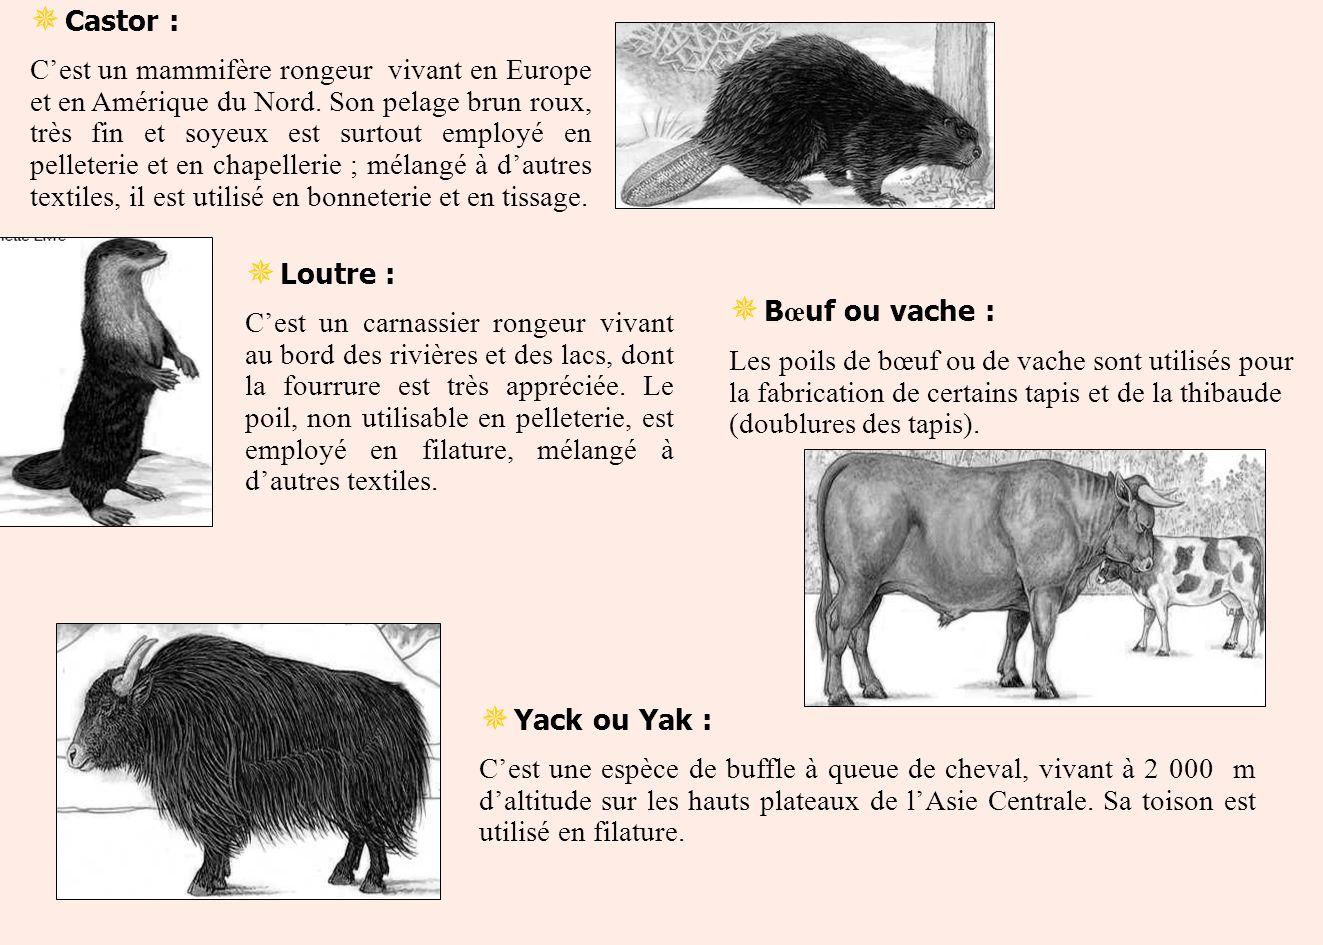 Castor : Cest un mammifère rongeur vivant en Europe et en Amérique du Nord. Son pelage brun roux, très fin et soyeux est surtout employé en pelleterie